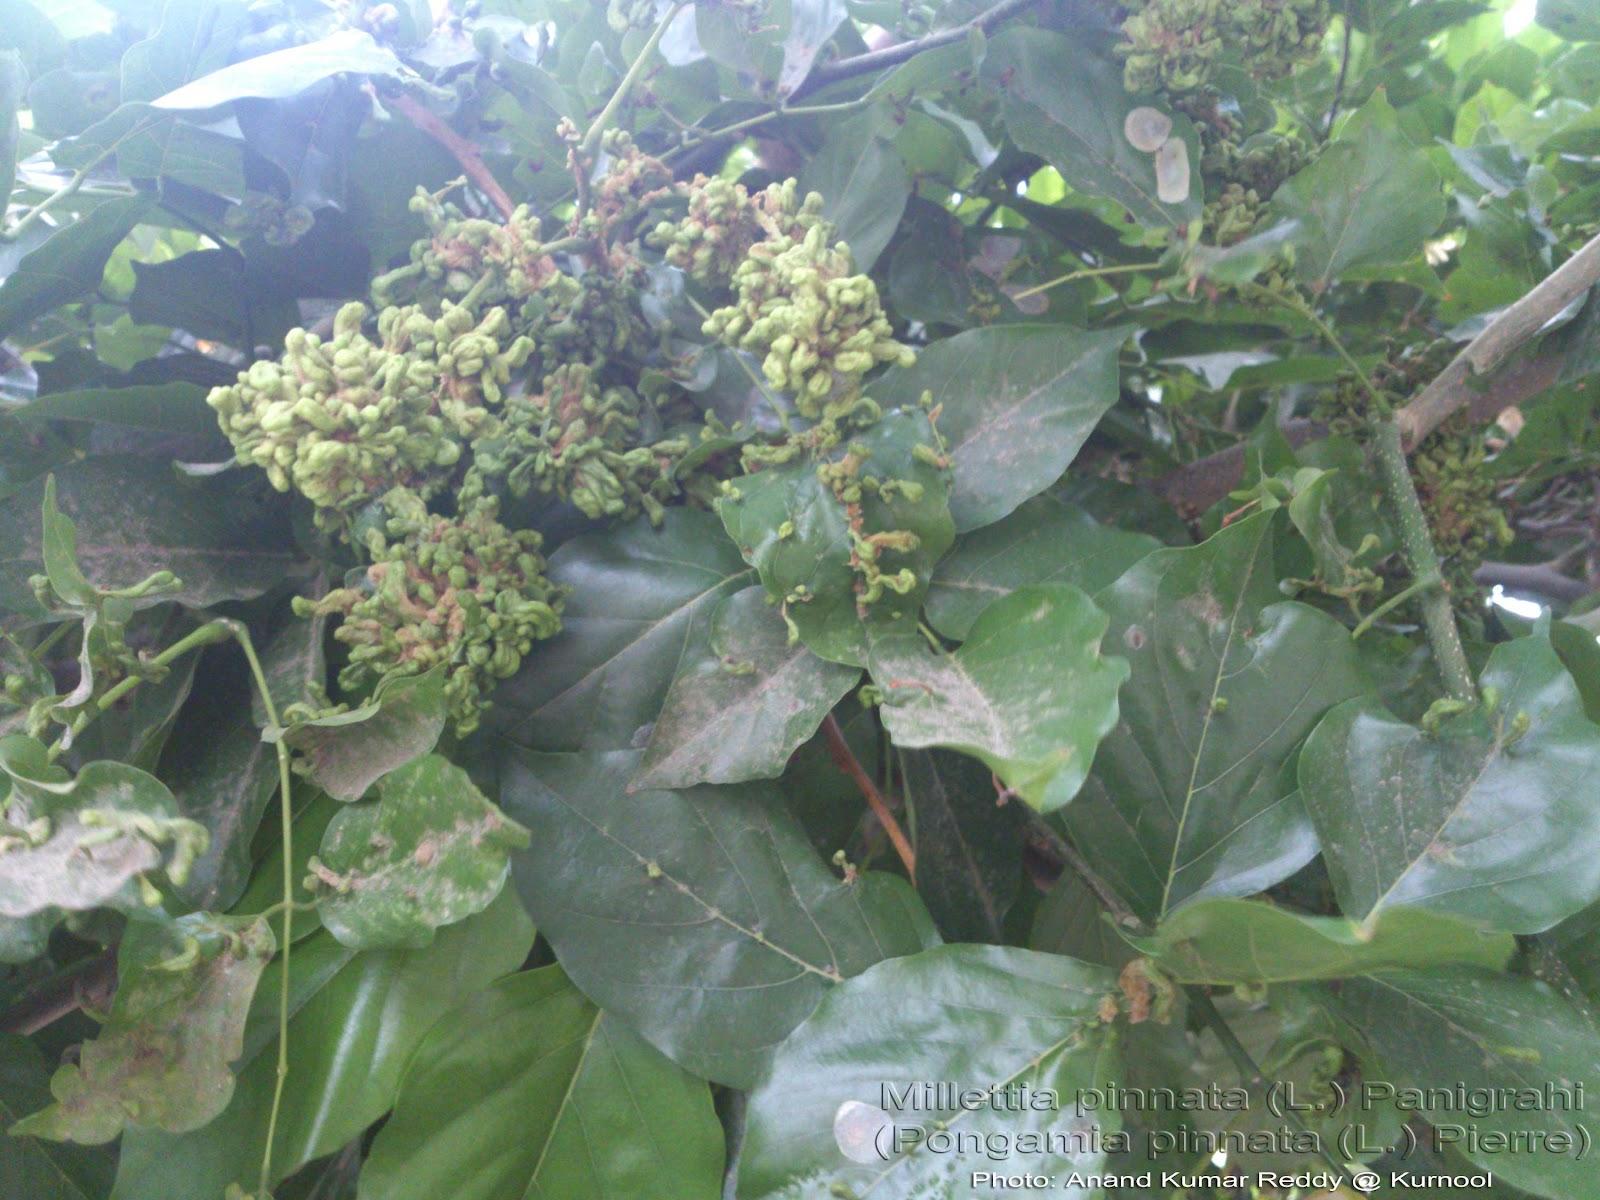 Medicinal Plants: Millettia pinnata